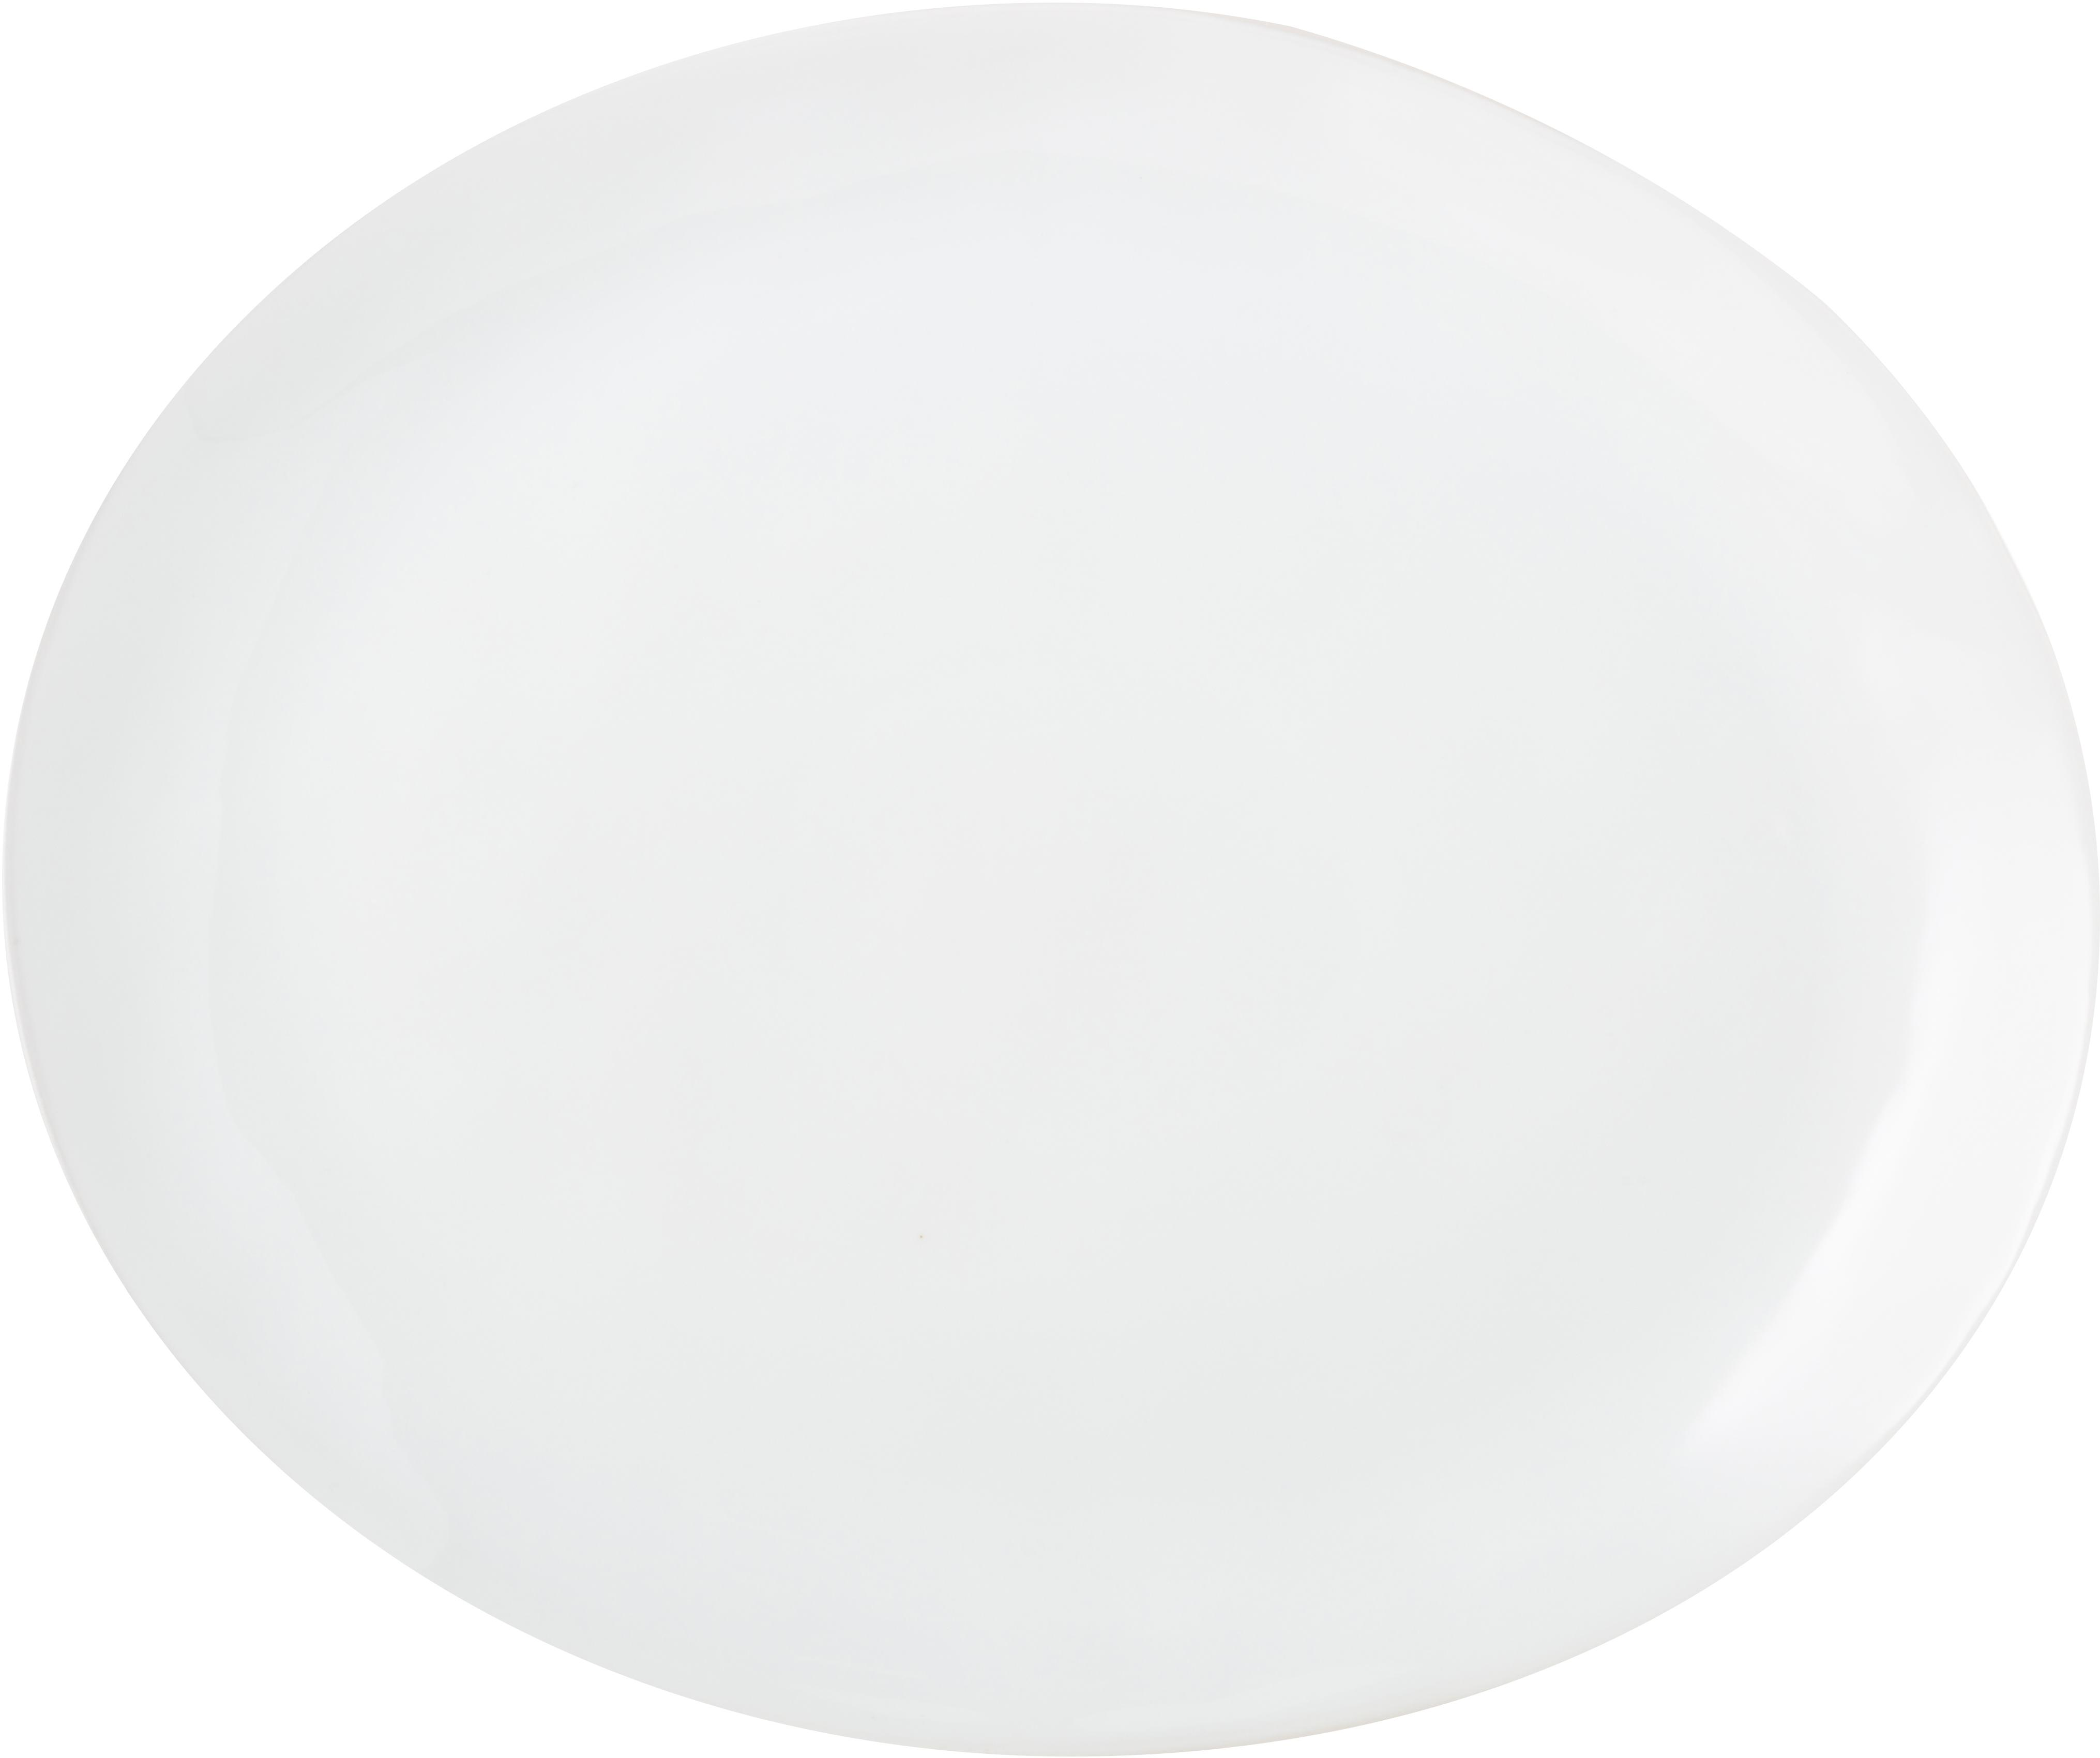 Owalny talerz duży Porcelino, 4 szt., Porcelana o celowo nierównym kształcie, Biały, D 28 x S 24 cm